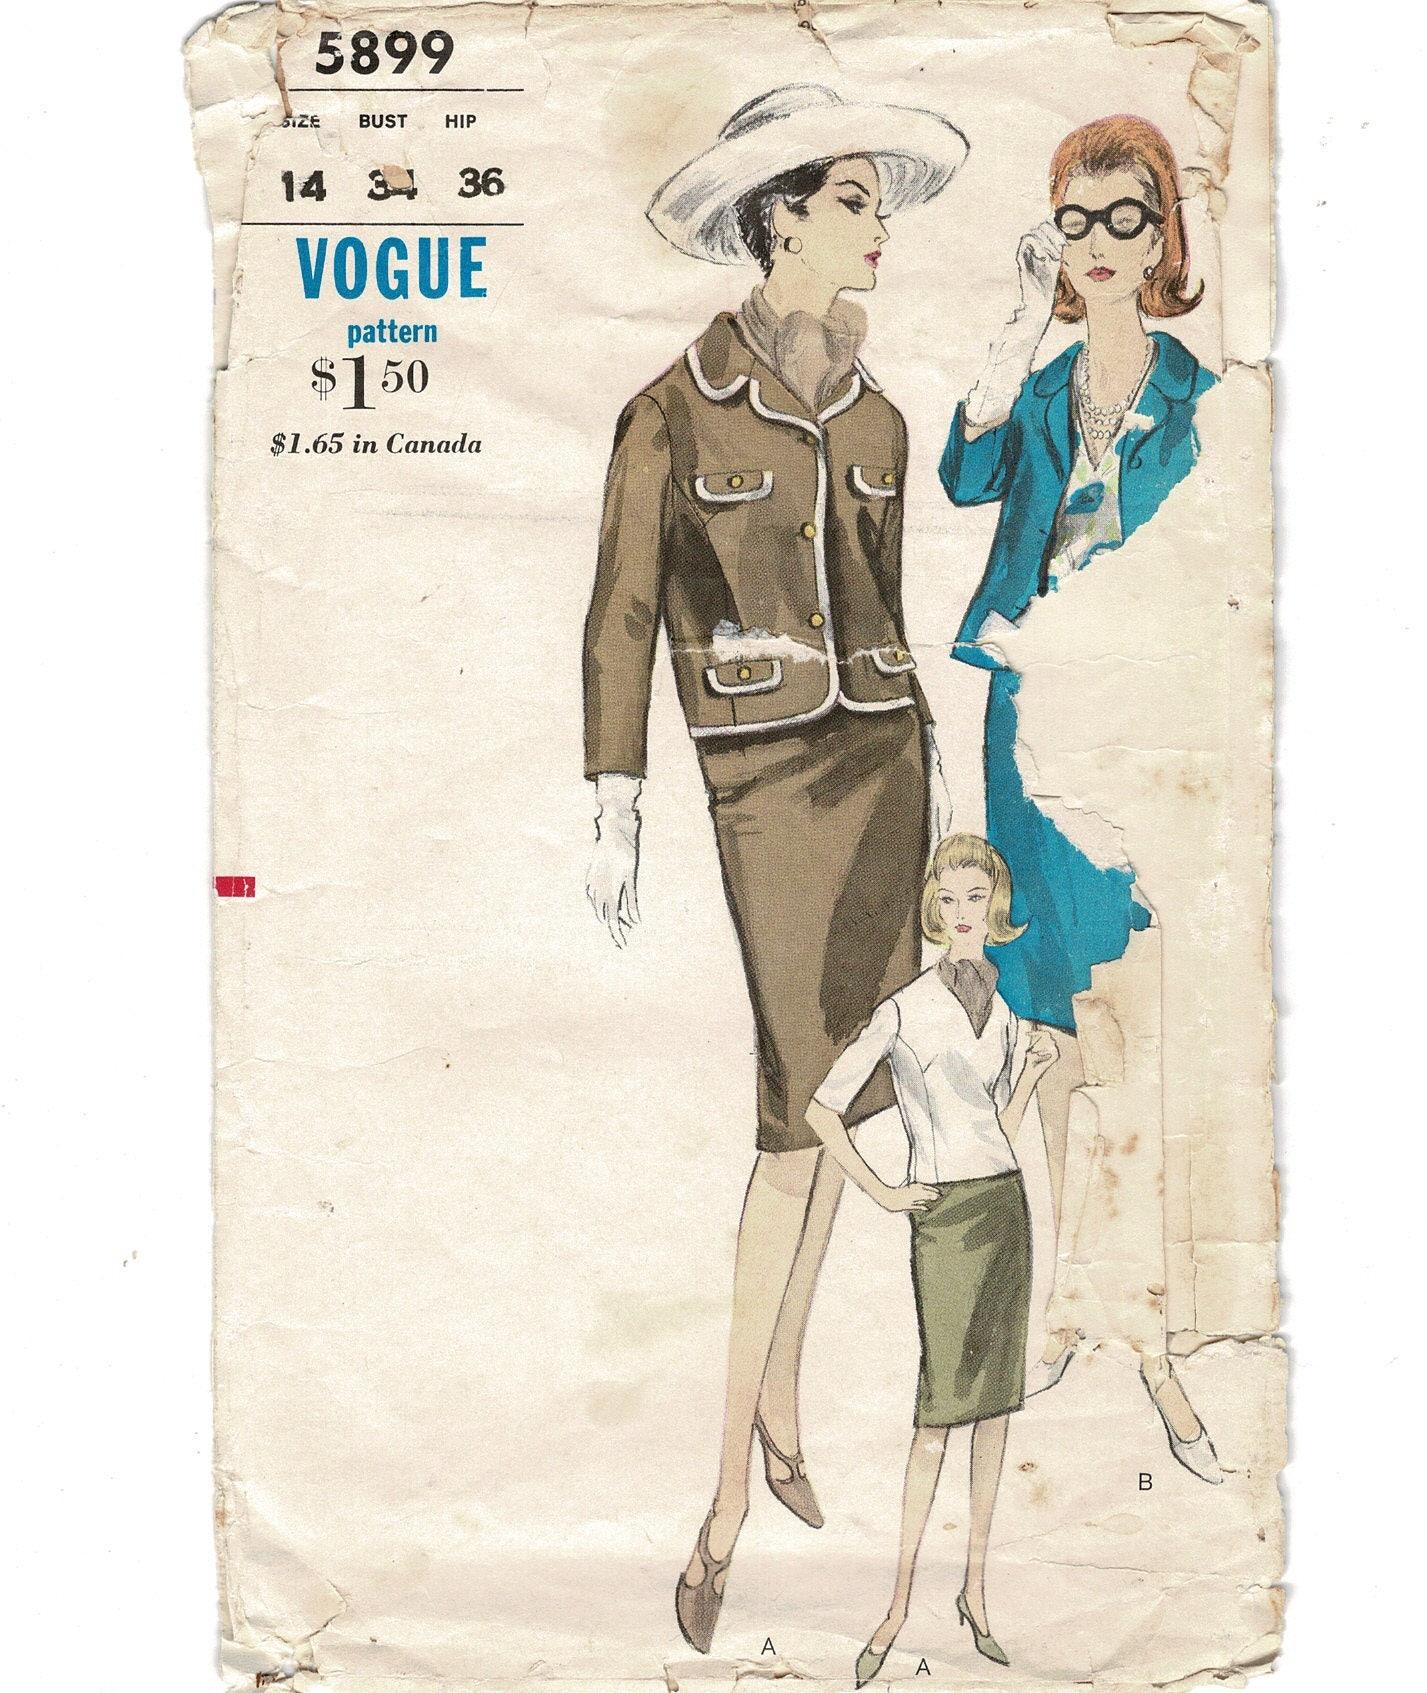 1950s Vogue 5899 Misses Rare Coco Chanel Style Suit Jacket